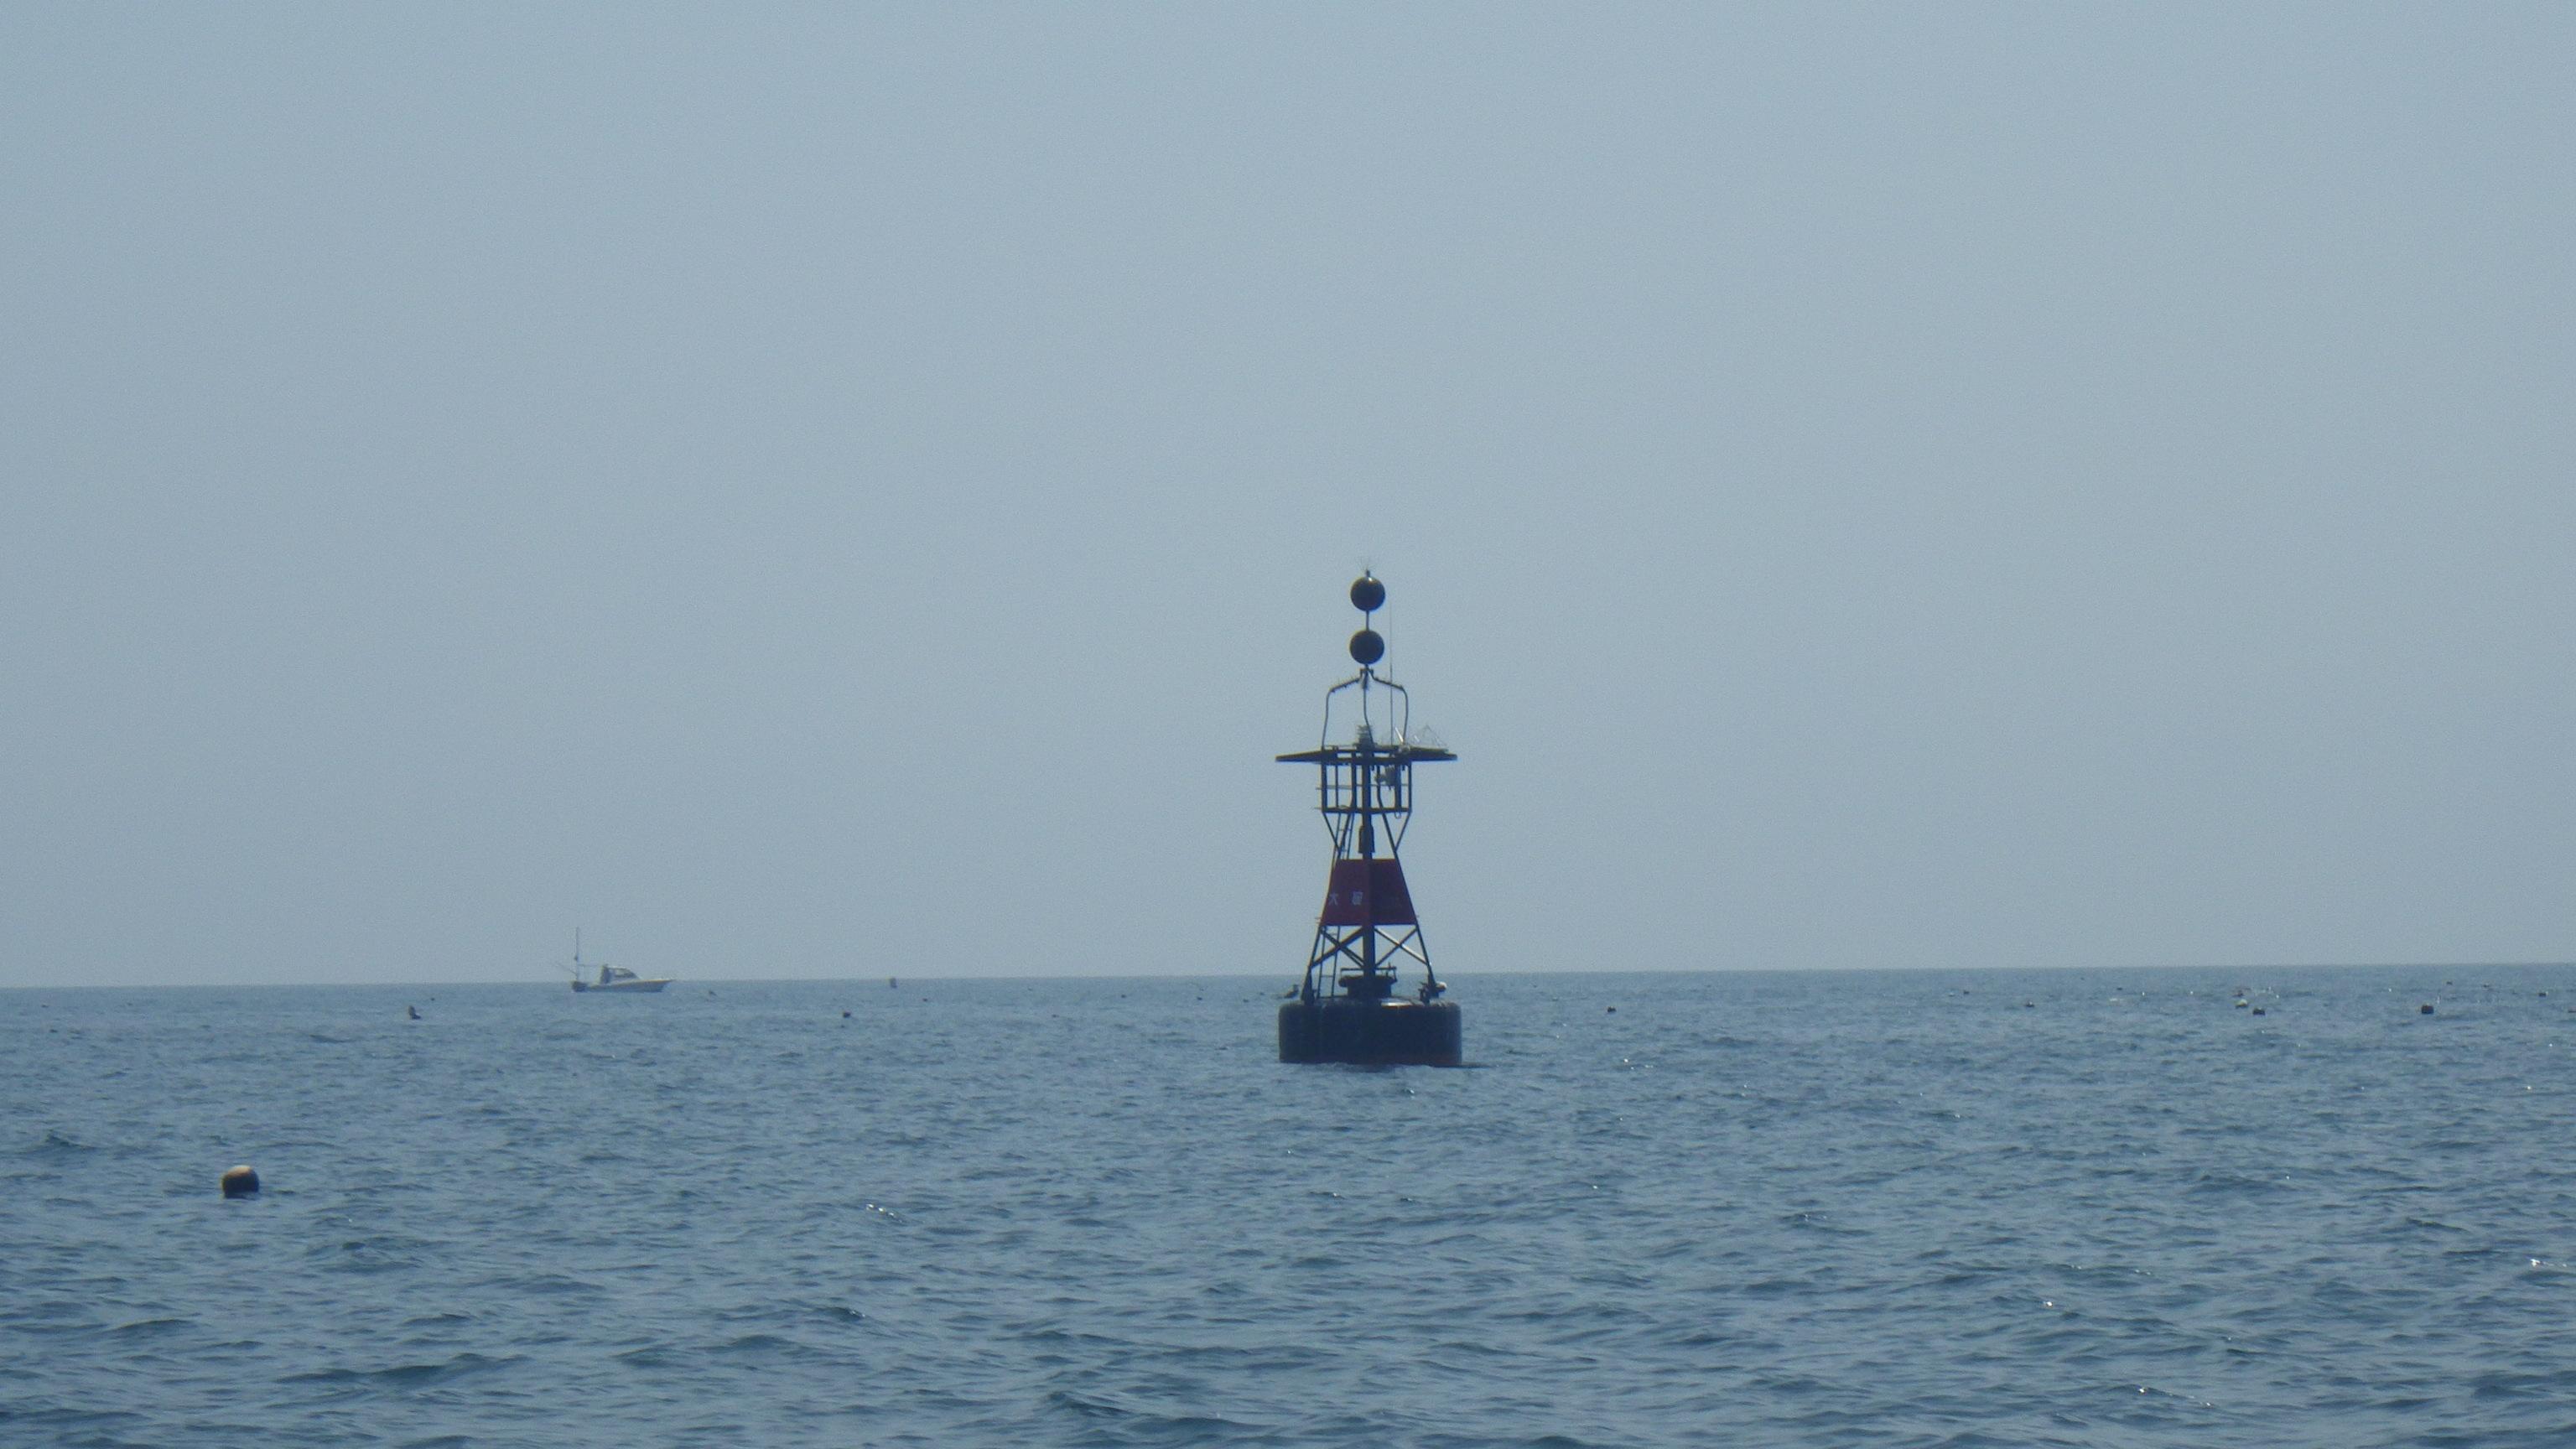 学科で習う、「海の標識」があります。これの意味は何でしょうか??